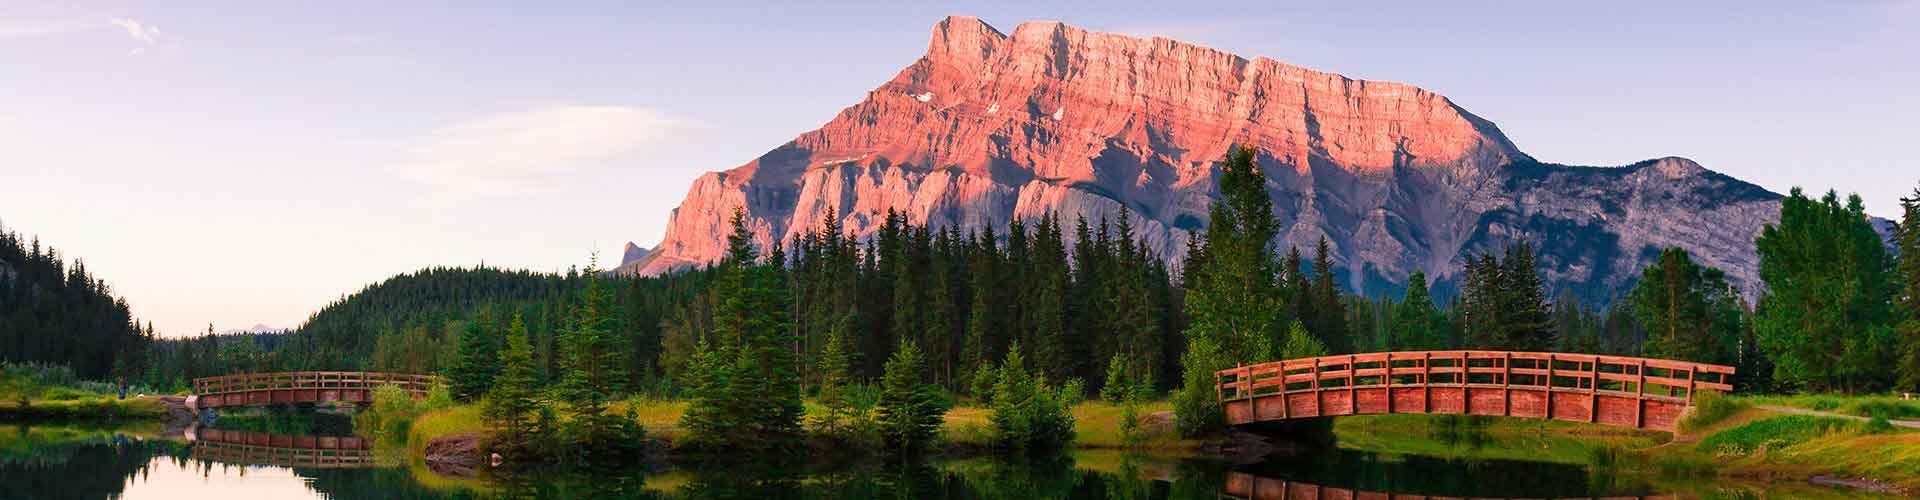 Banff – Studentenunterkünfte, Hostels und Büroräume in Banff (Kanada). Karte von Banff, Fotos und Rezensionen von Studentenunterkünften, Hostels und Büroräumen in Banff.